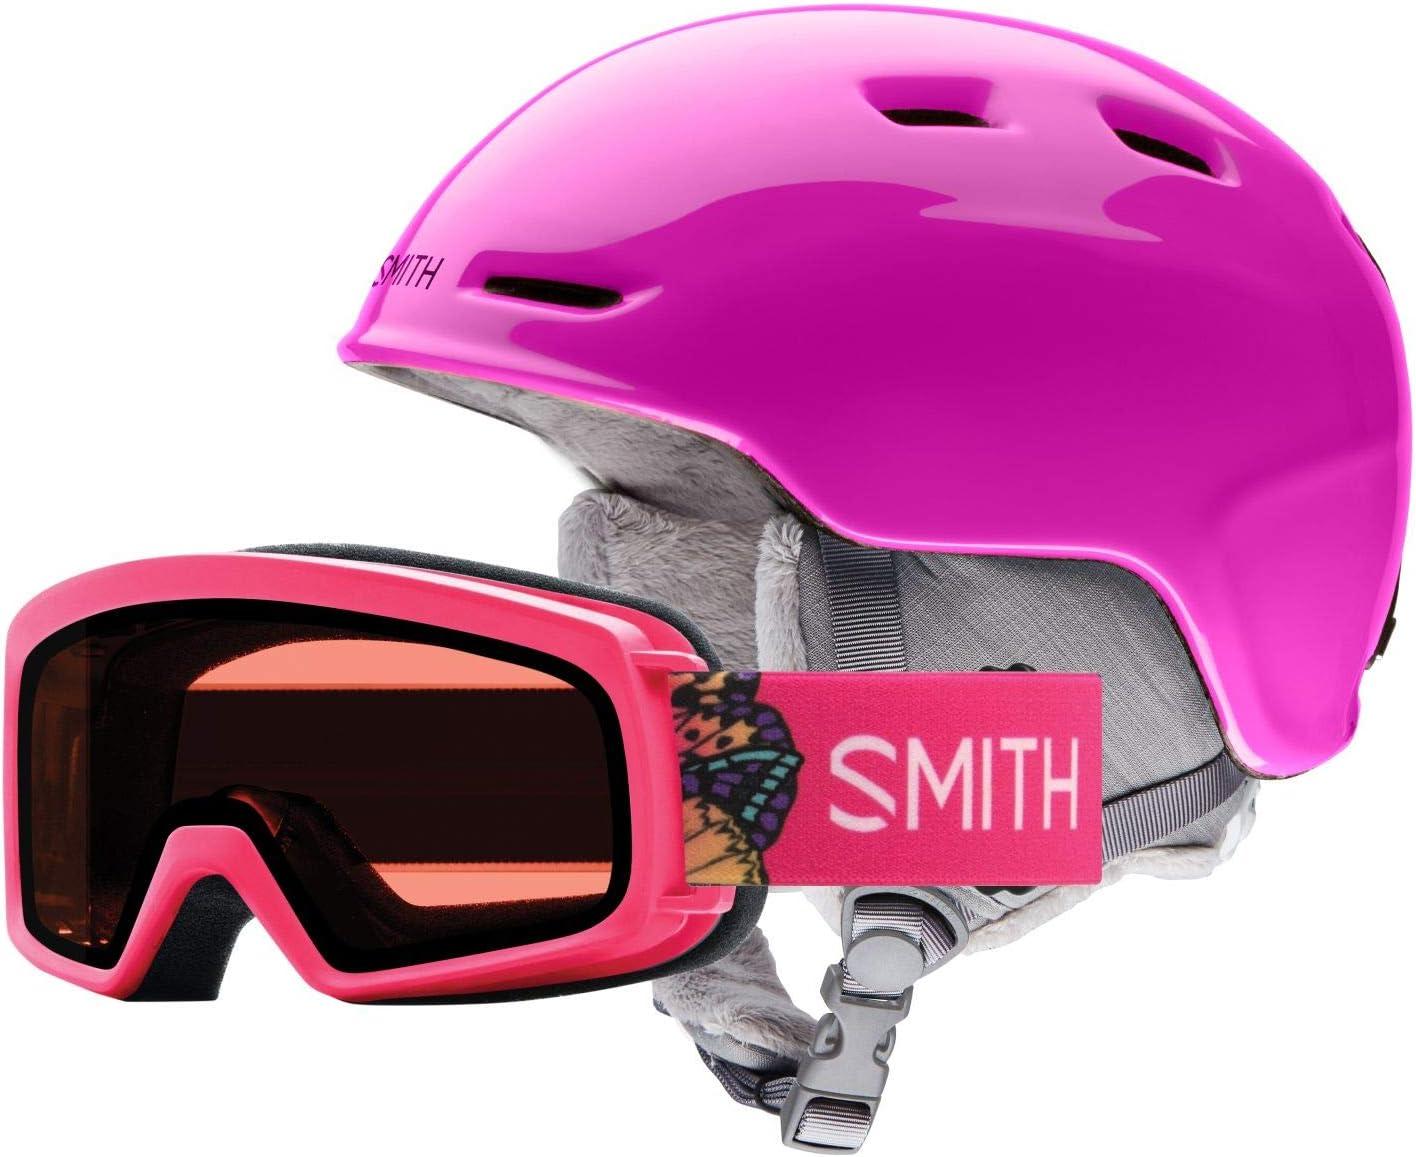 Smith Optics 2019 Zoom Jr. Rascal Combo Youth Snowboarding Helmets